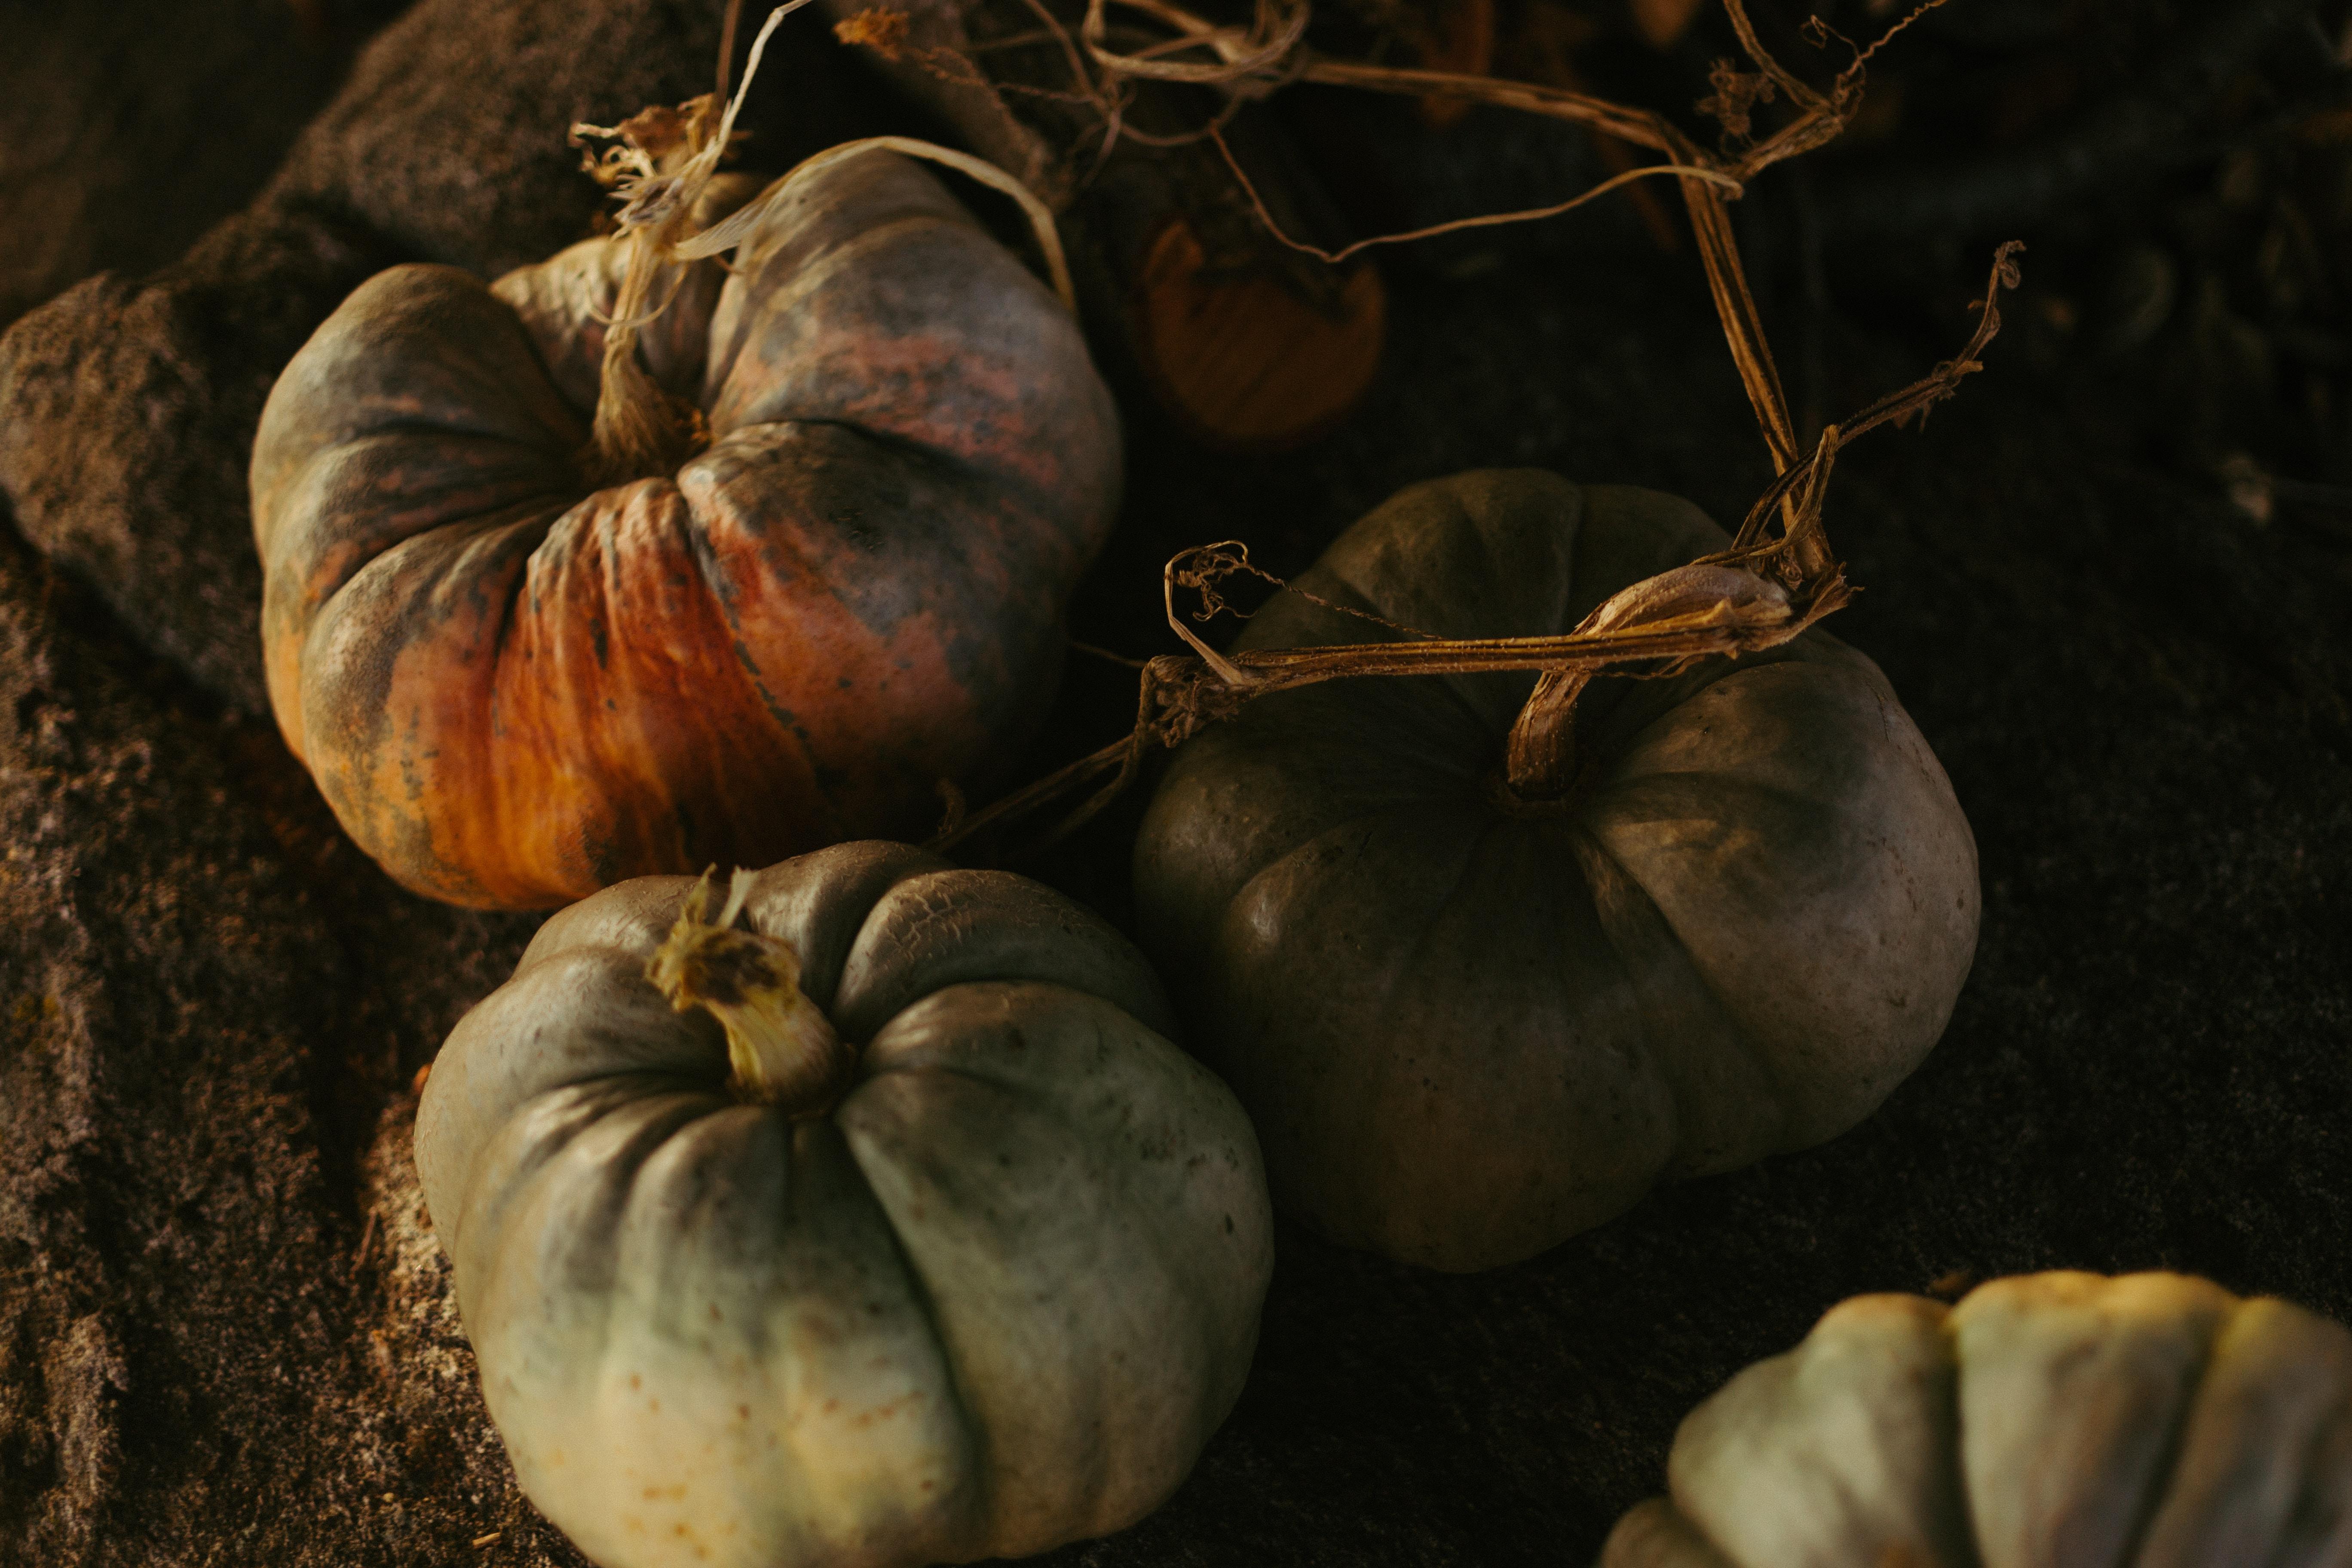 pumpkin plants on soil